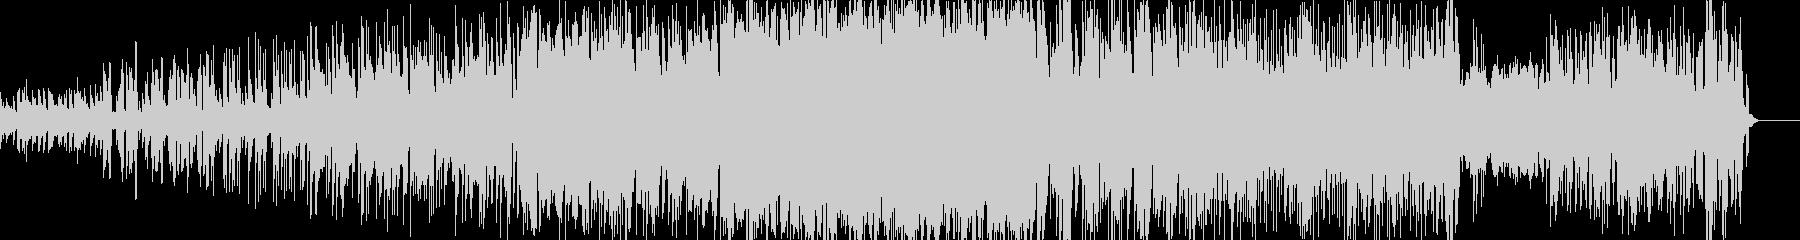 エレクトロ系 弦、シンセブラス、ドラムの未再生の波形